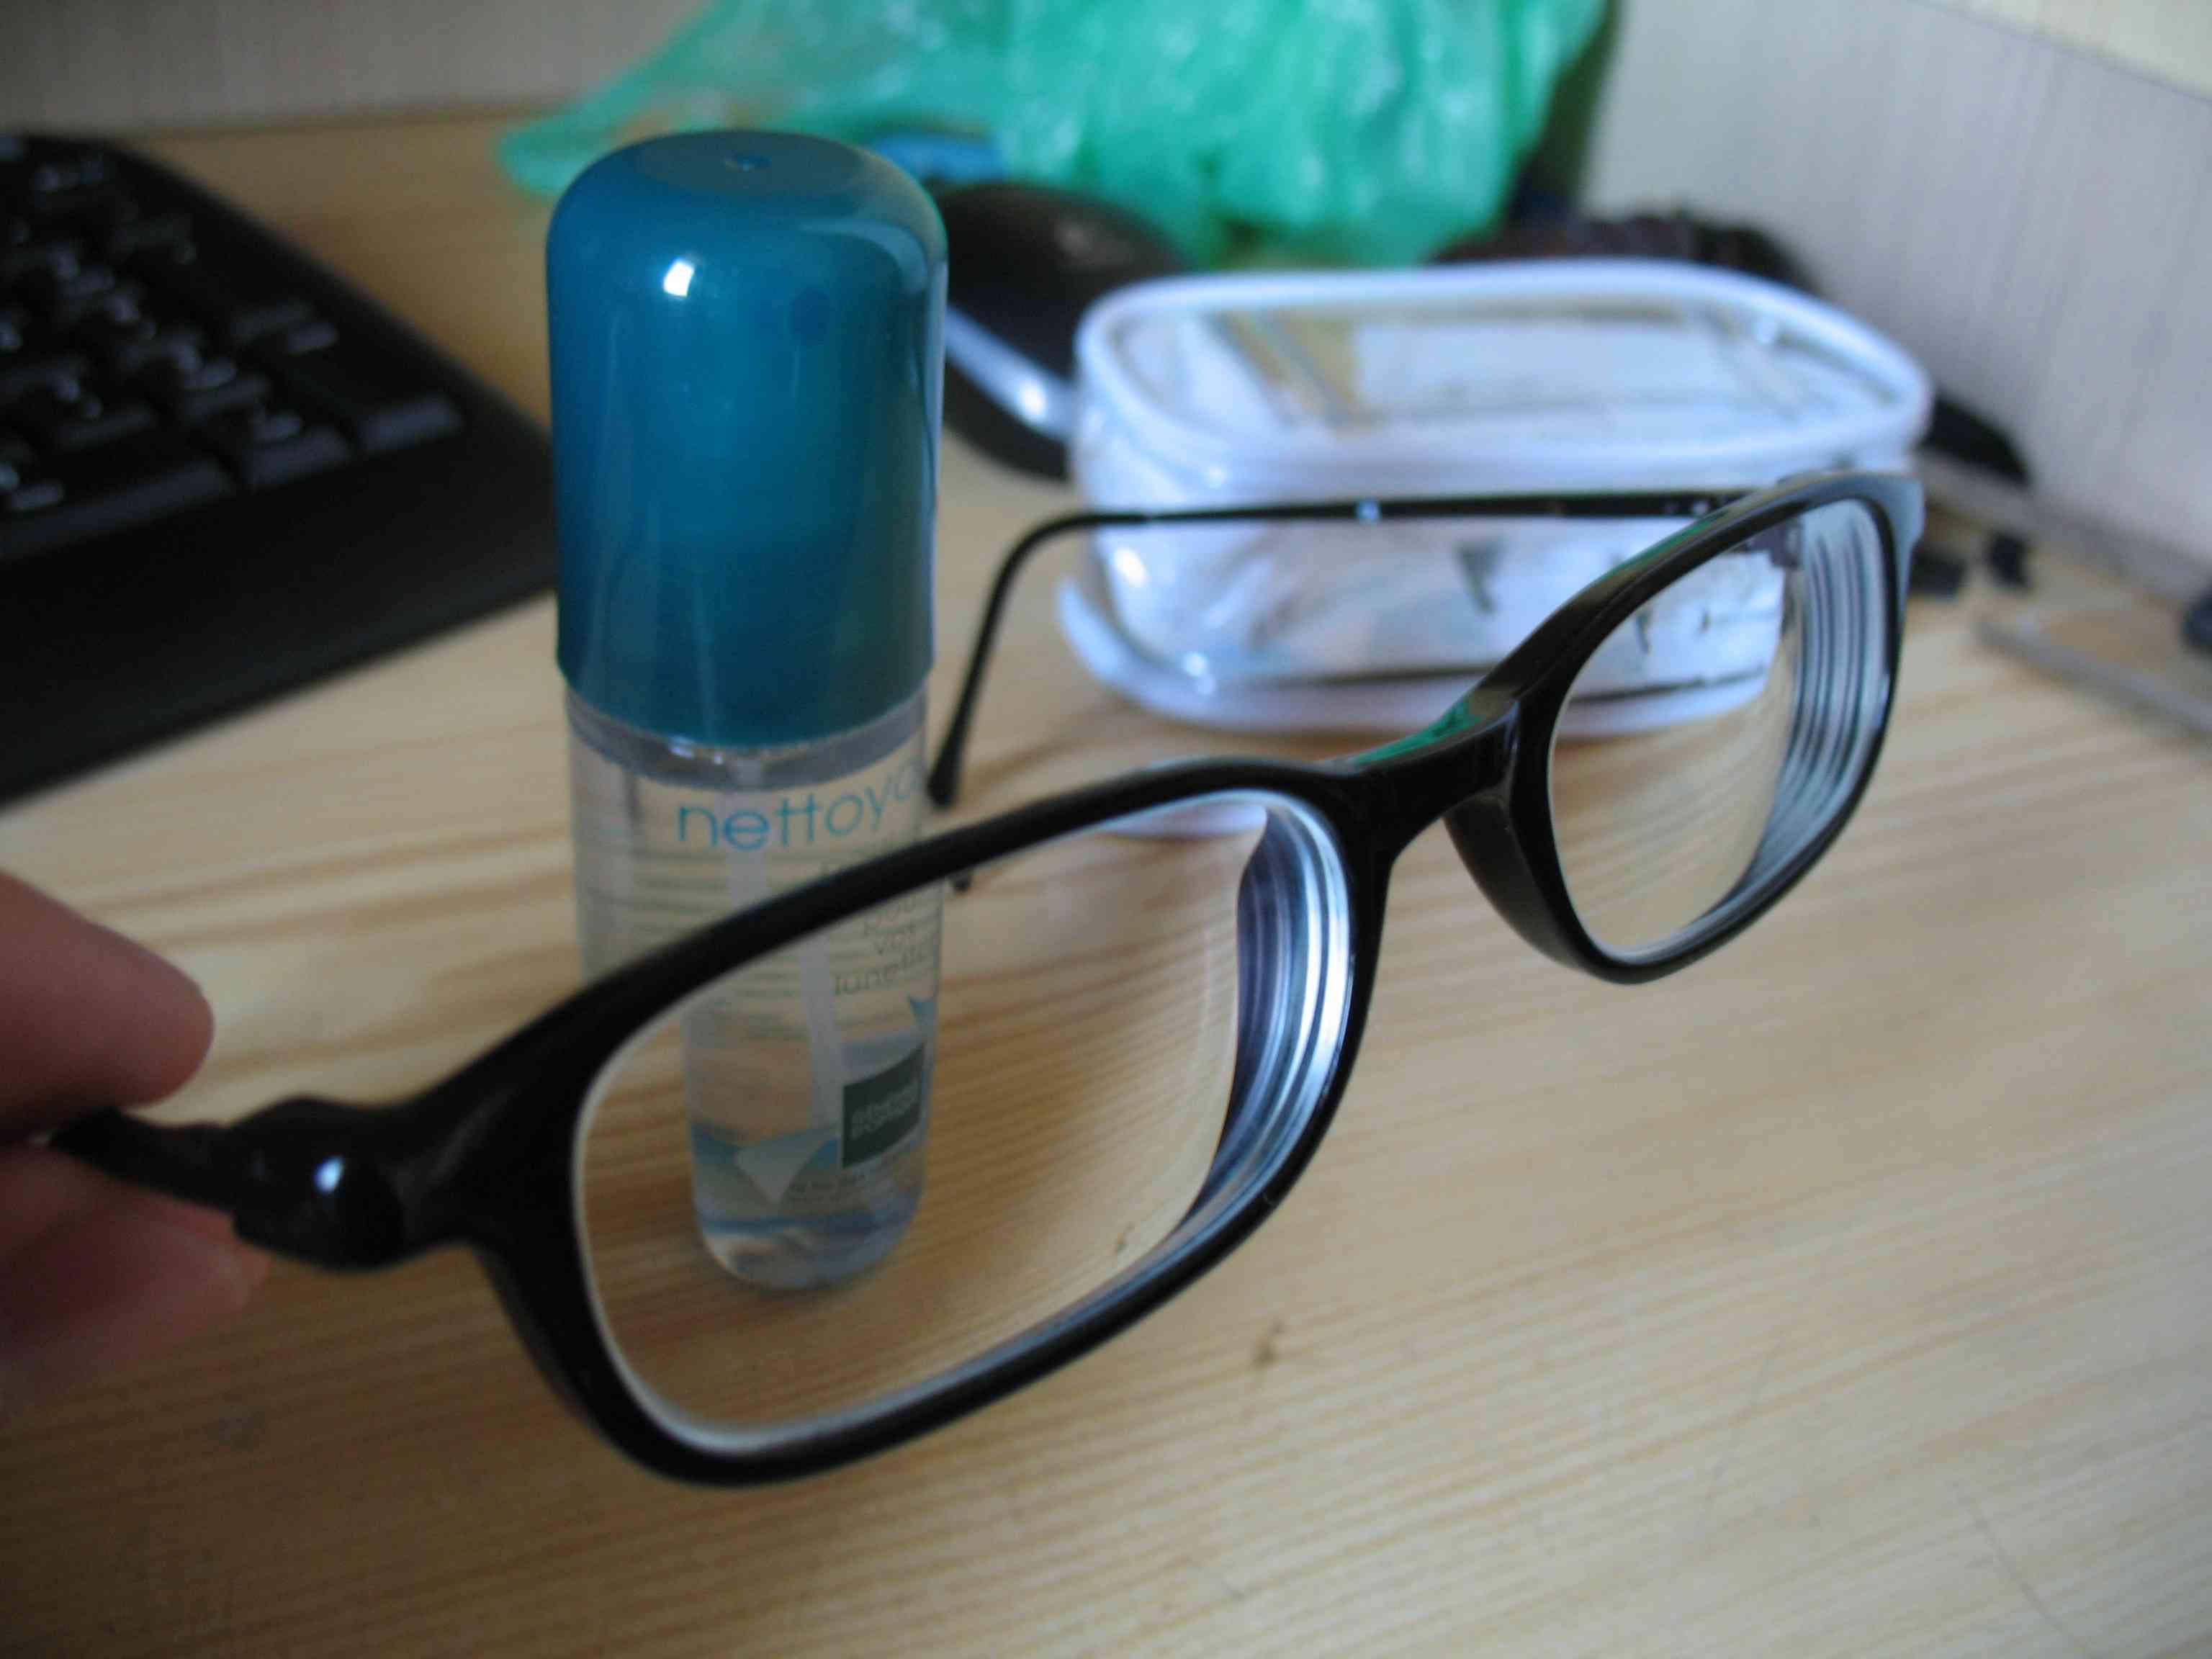 Déformation de la vue avec lunette - Myopie, cataracte et problèmes ... 200d7825566c